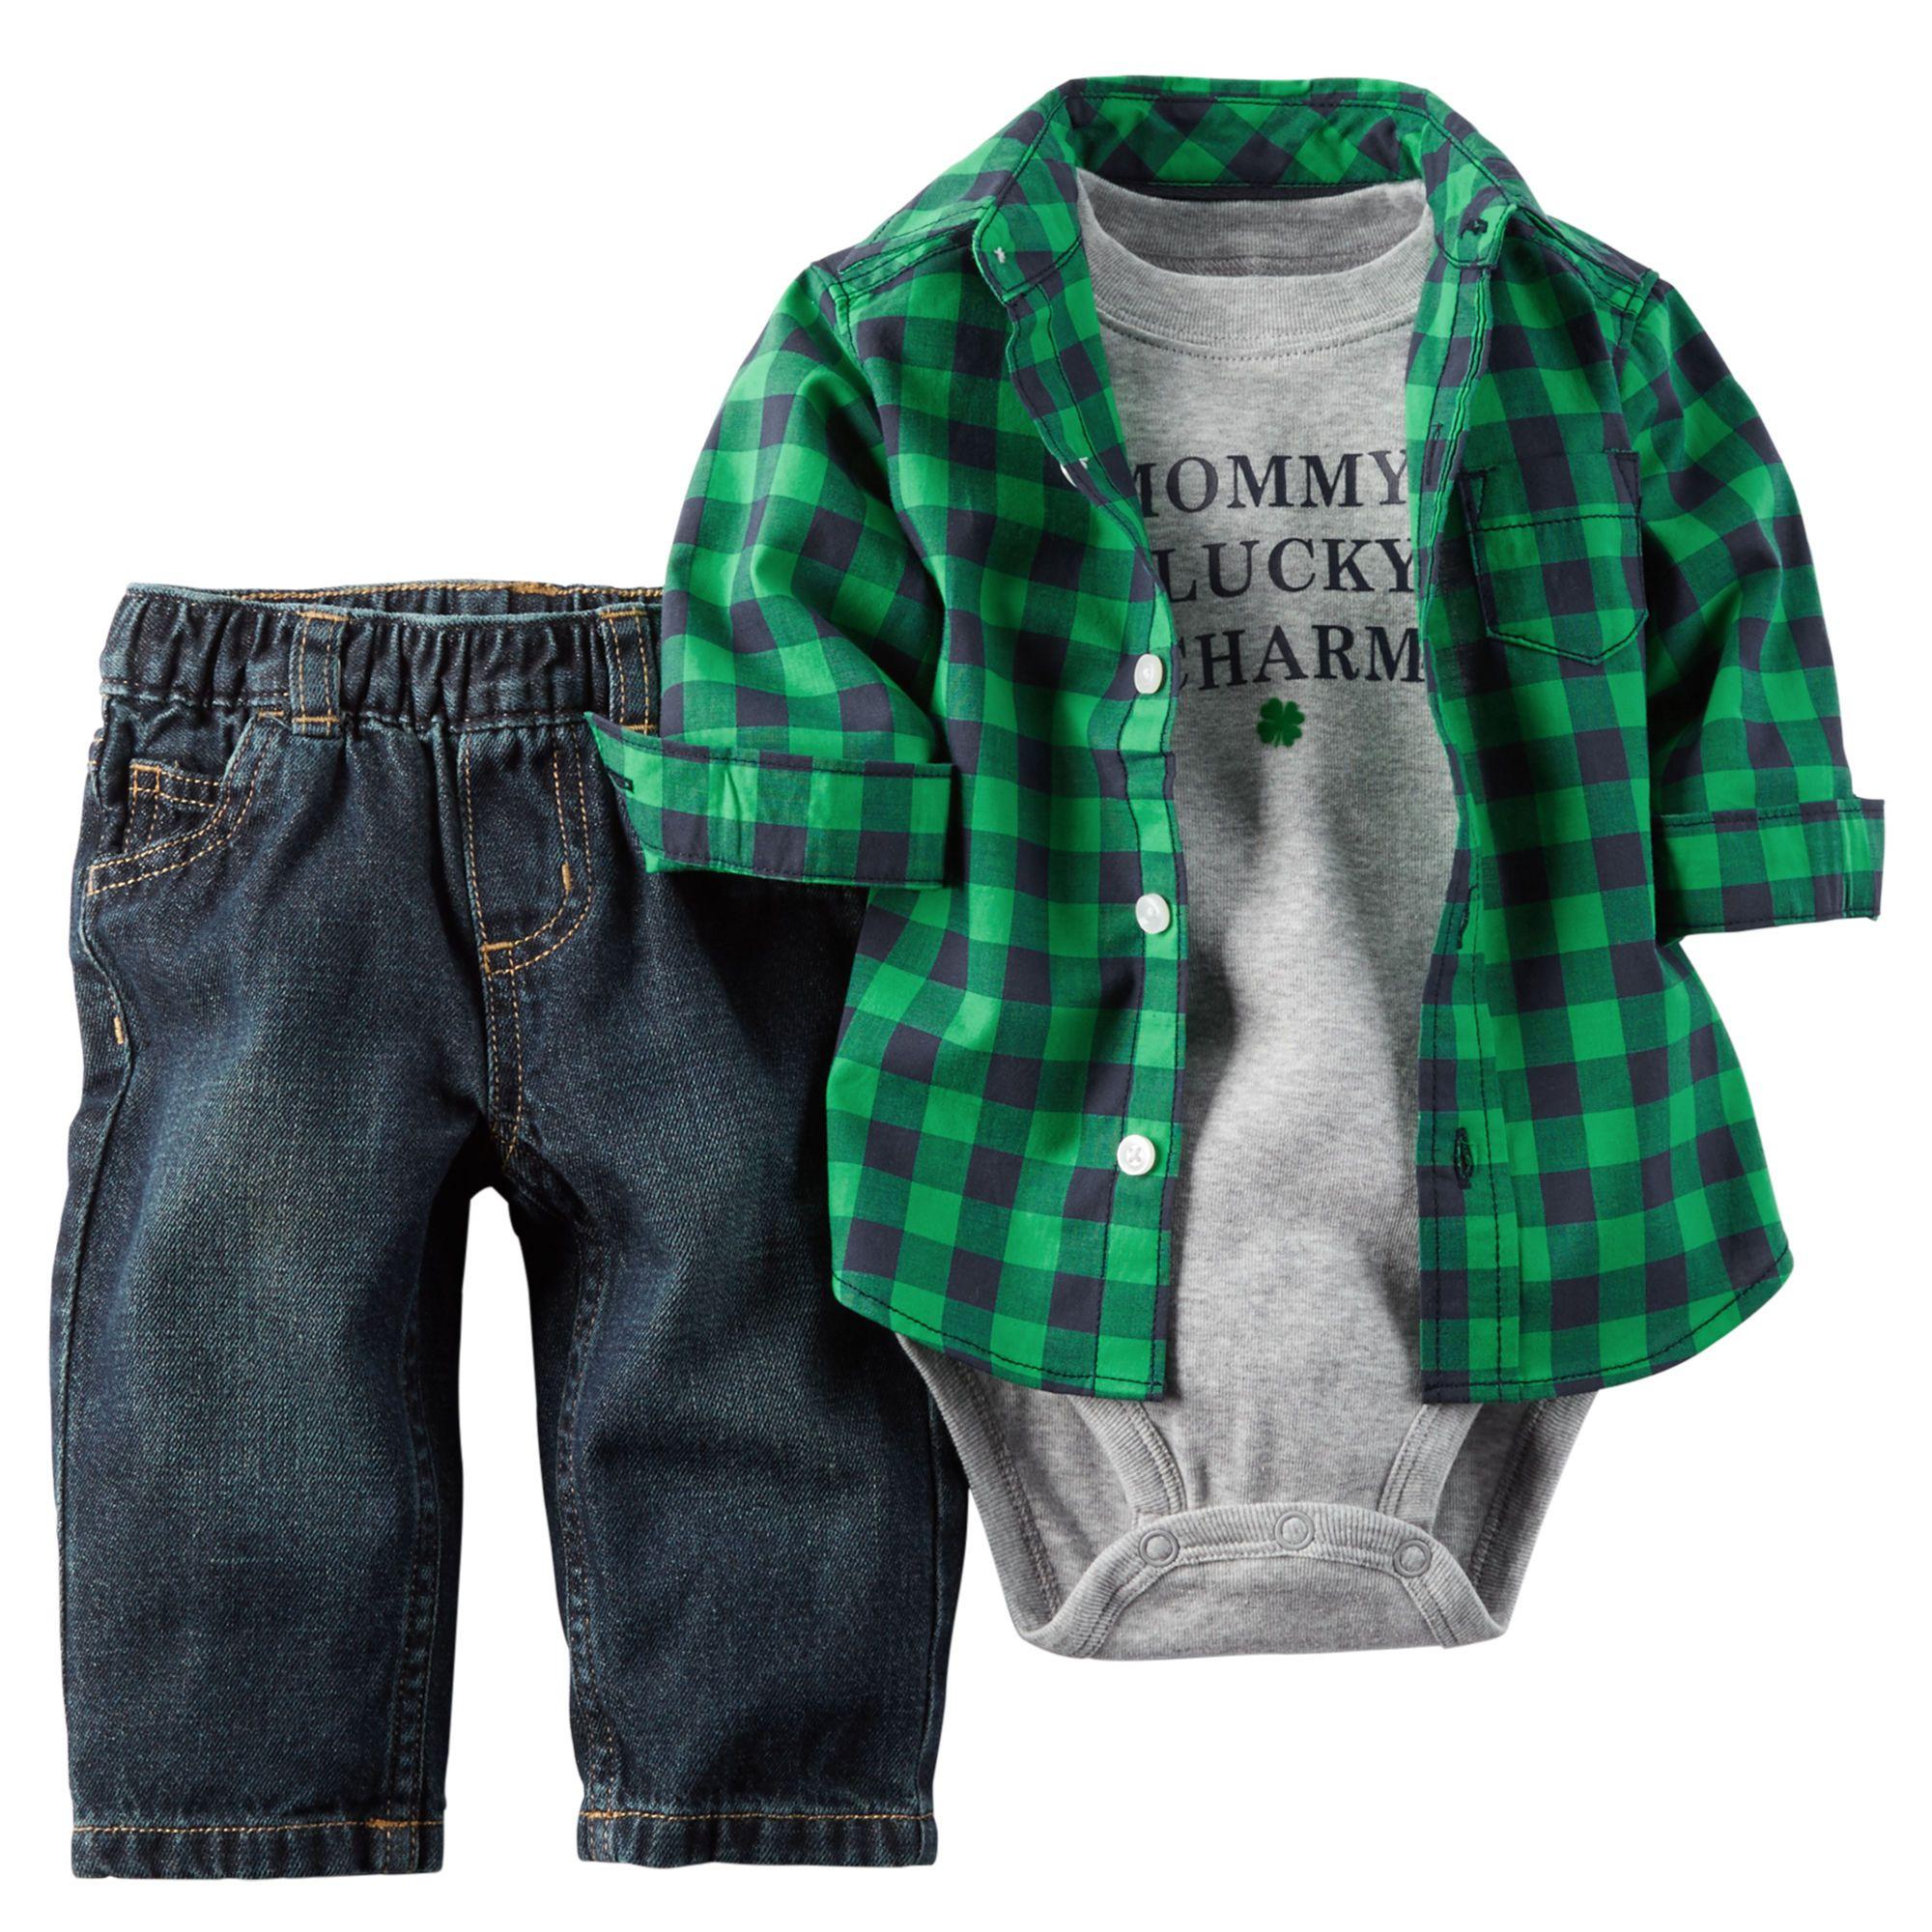 ღ¸.•❤ ƁҽႦҽ ღ .¸¸.•*¨*• Baby Boy 3-Piece St. Patrick's Day Bodysuit & Pant Set  Baby's first St. Patrick's Day is cute and comfy with this coordinating bodysuit, button-front shirt and denim set.